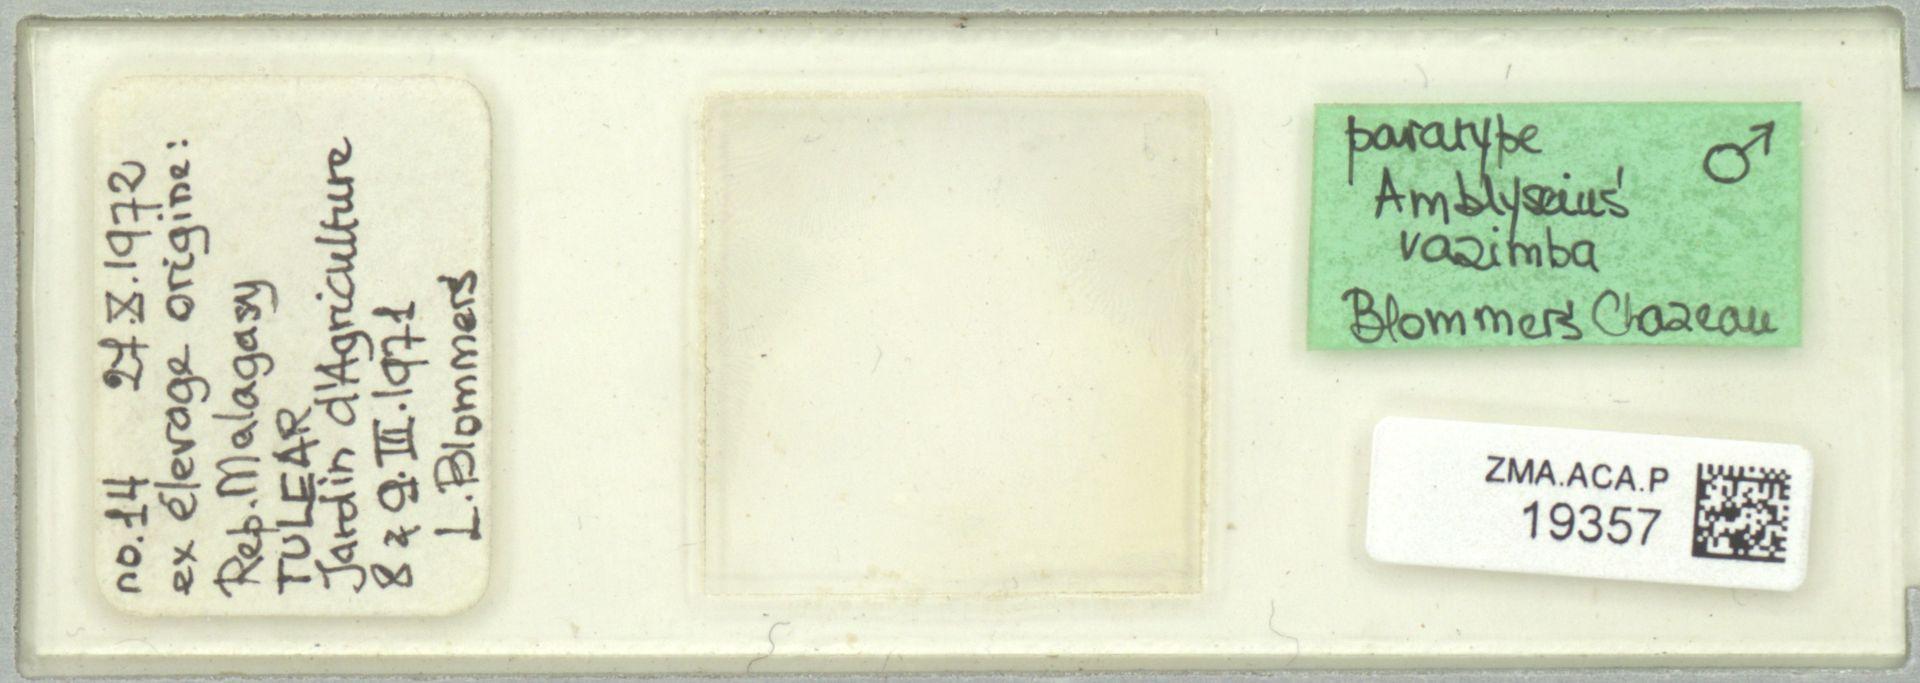 ZMA.ACA.P.19357 | Amblyseius razimba Blommers & Chazeau